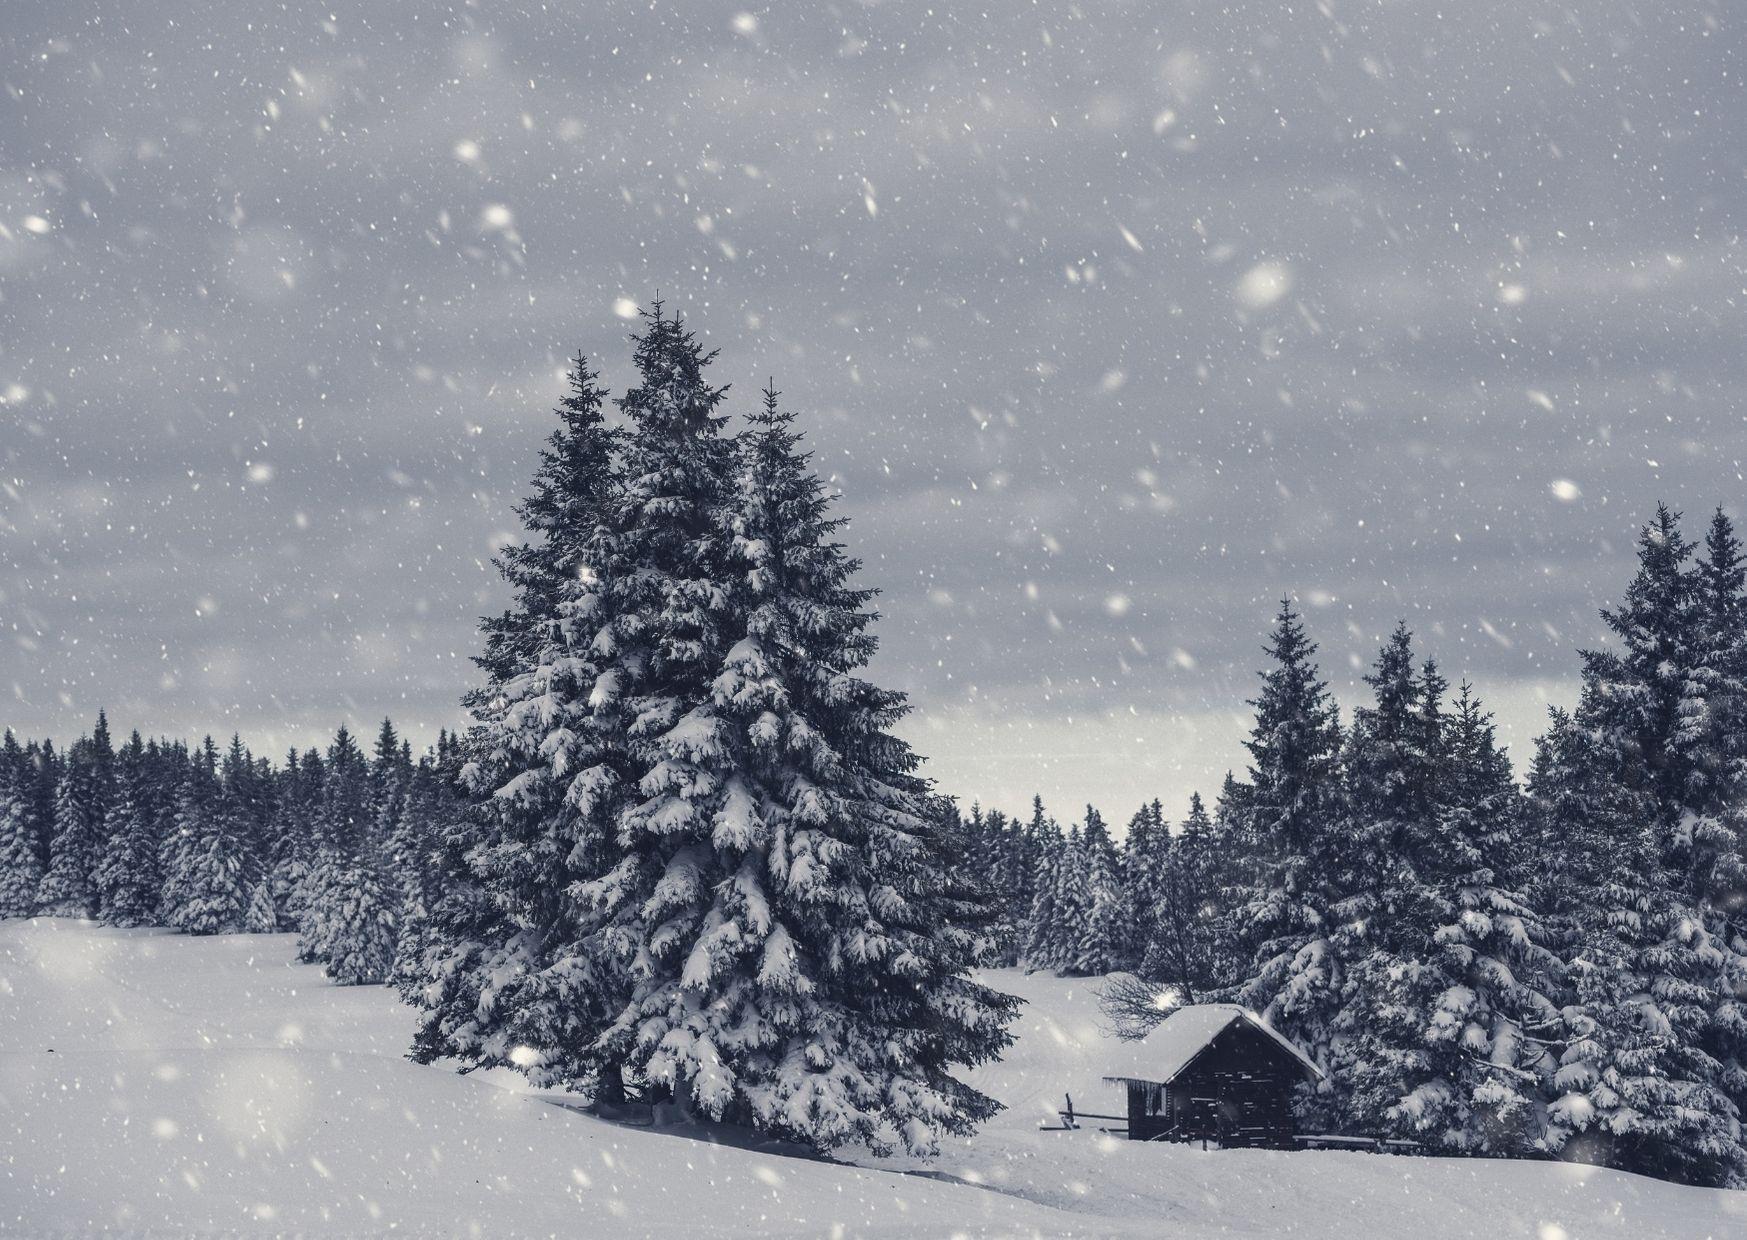 「冬の過ごし方」実践中です。